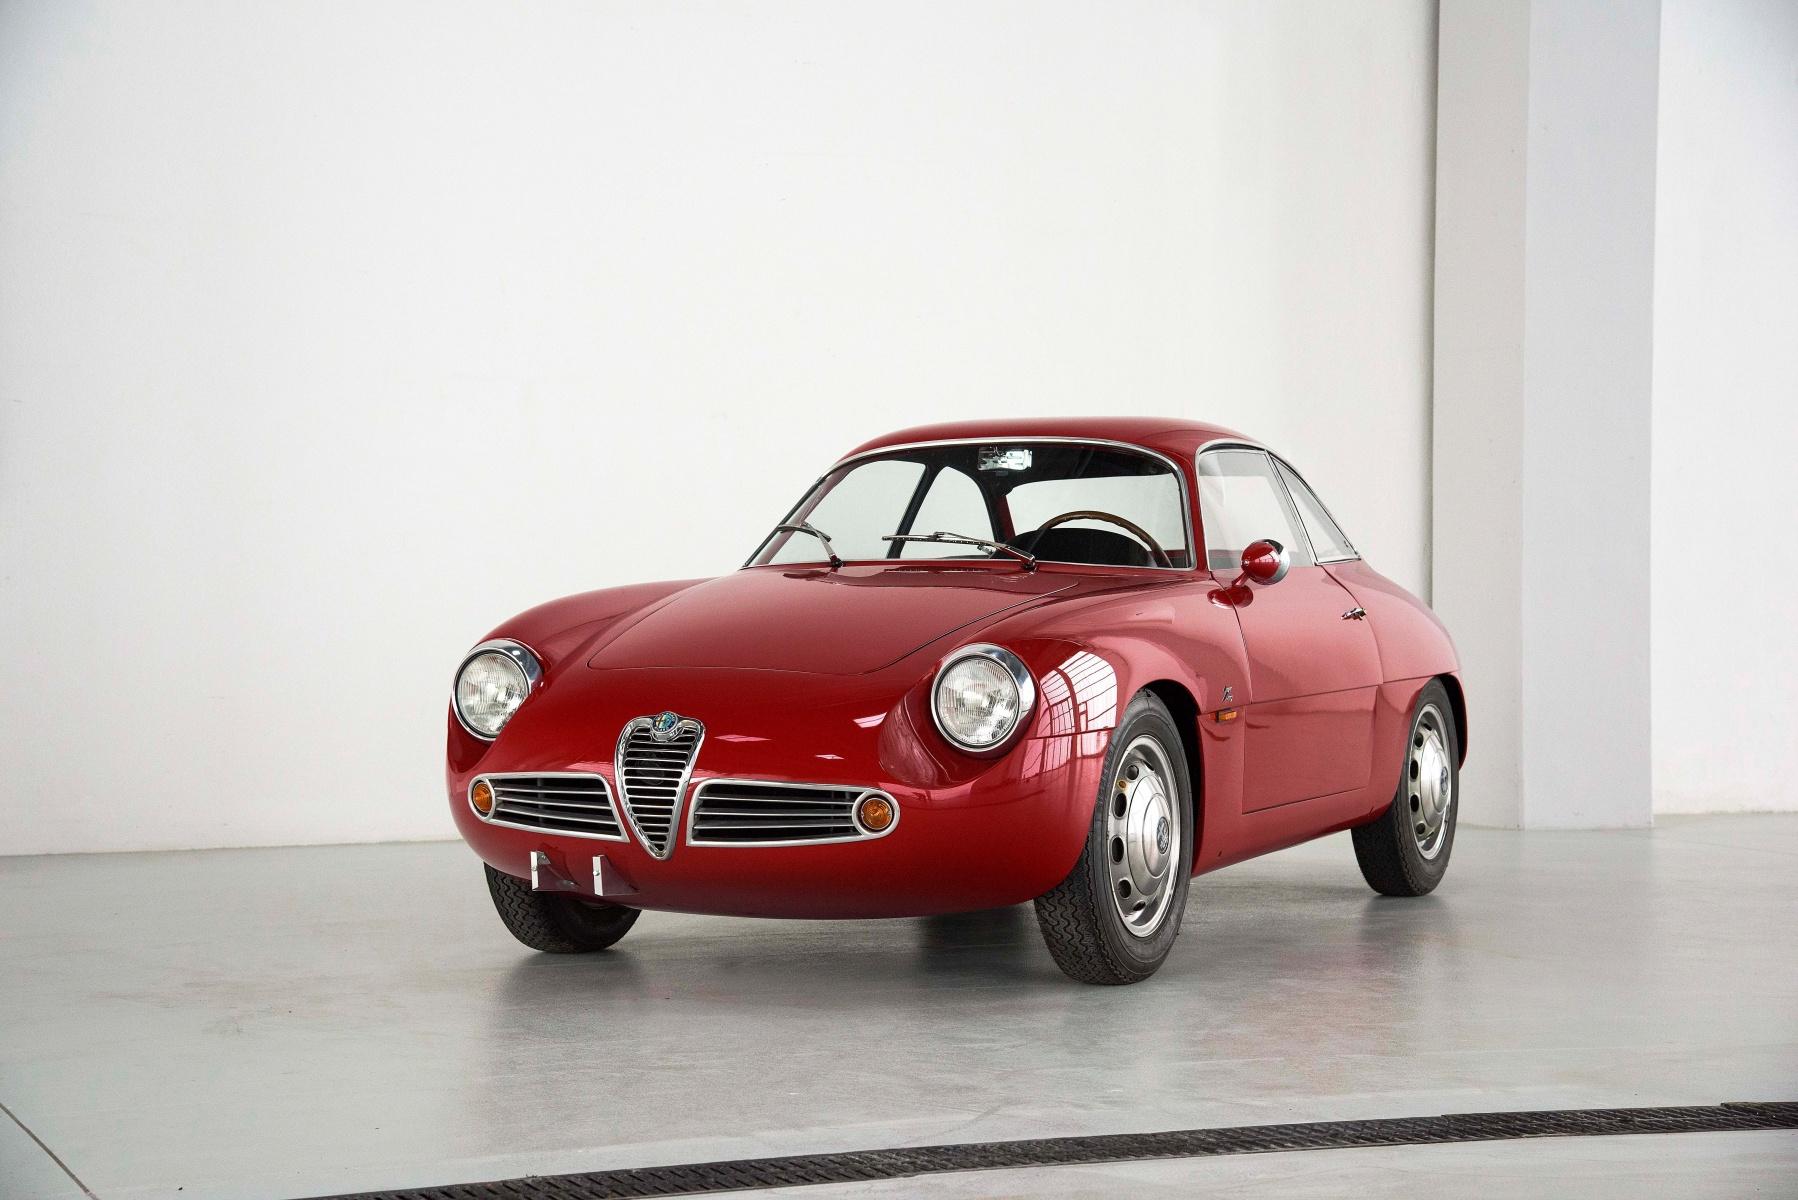 10126 Giulietta Sz Radicalmag 1961 Alfa Romeo Spider Heck Ende Der 50er Jahre Wurde Das Programm Aufgefrischt Und Neu Nummeriert Da War Dann Ab 1960 Auch Platz Fr Den Sprint Zagato